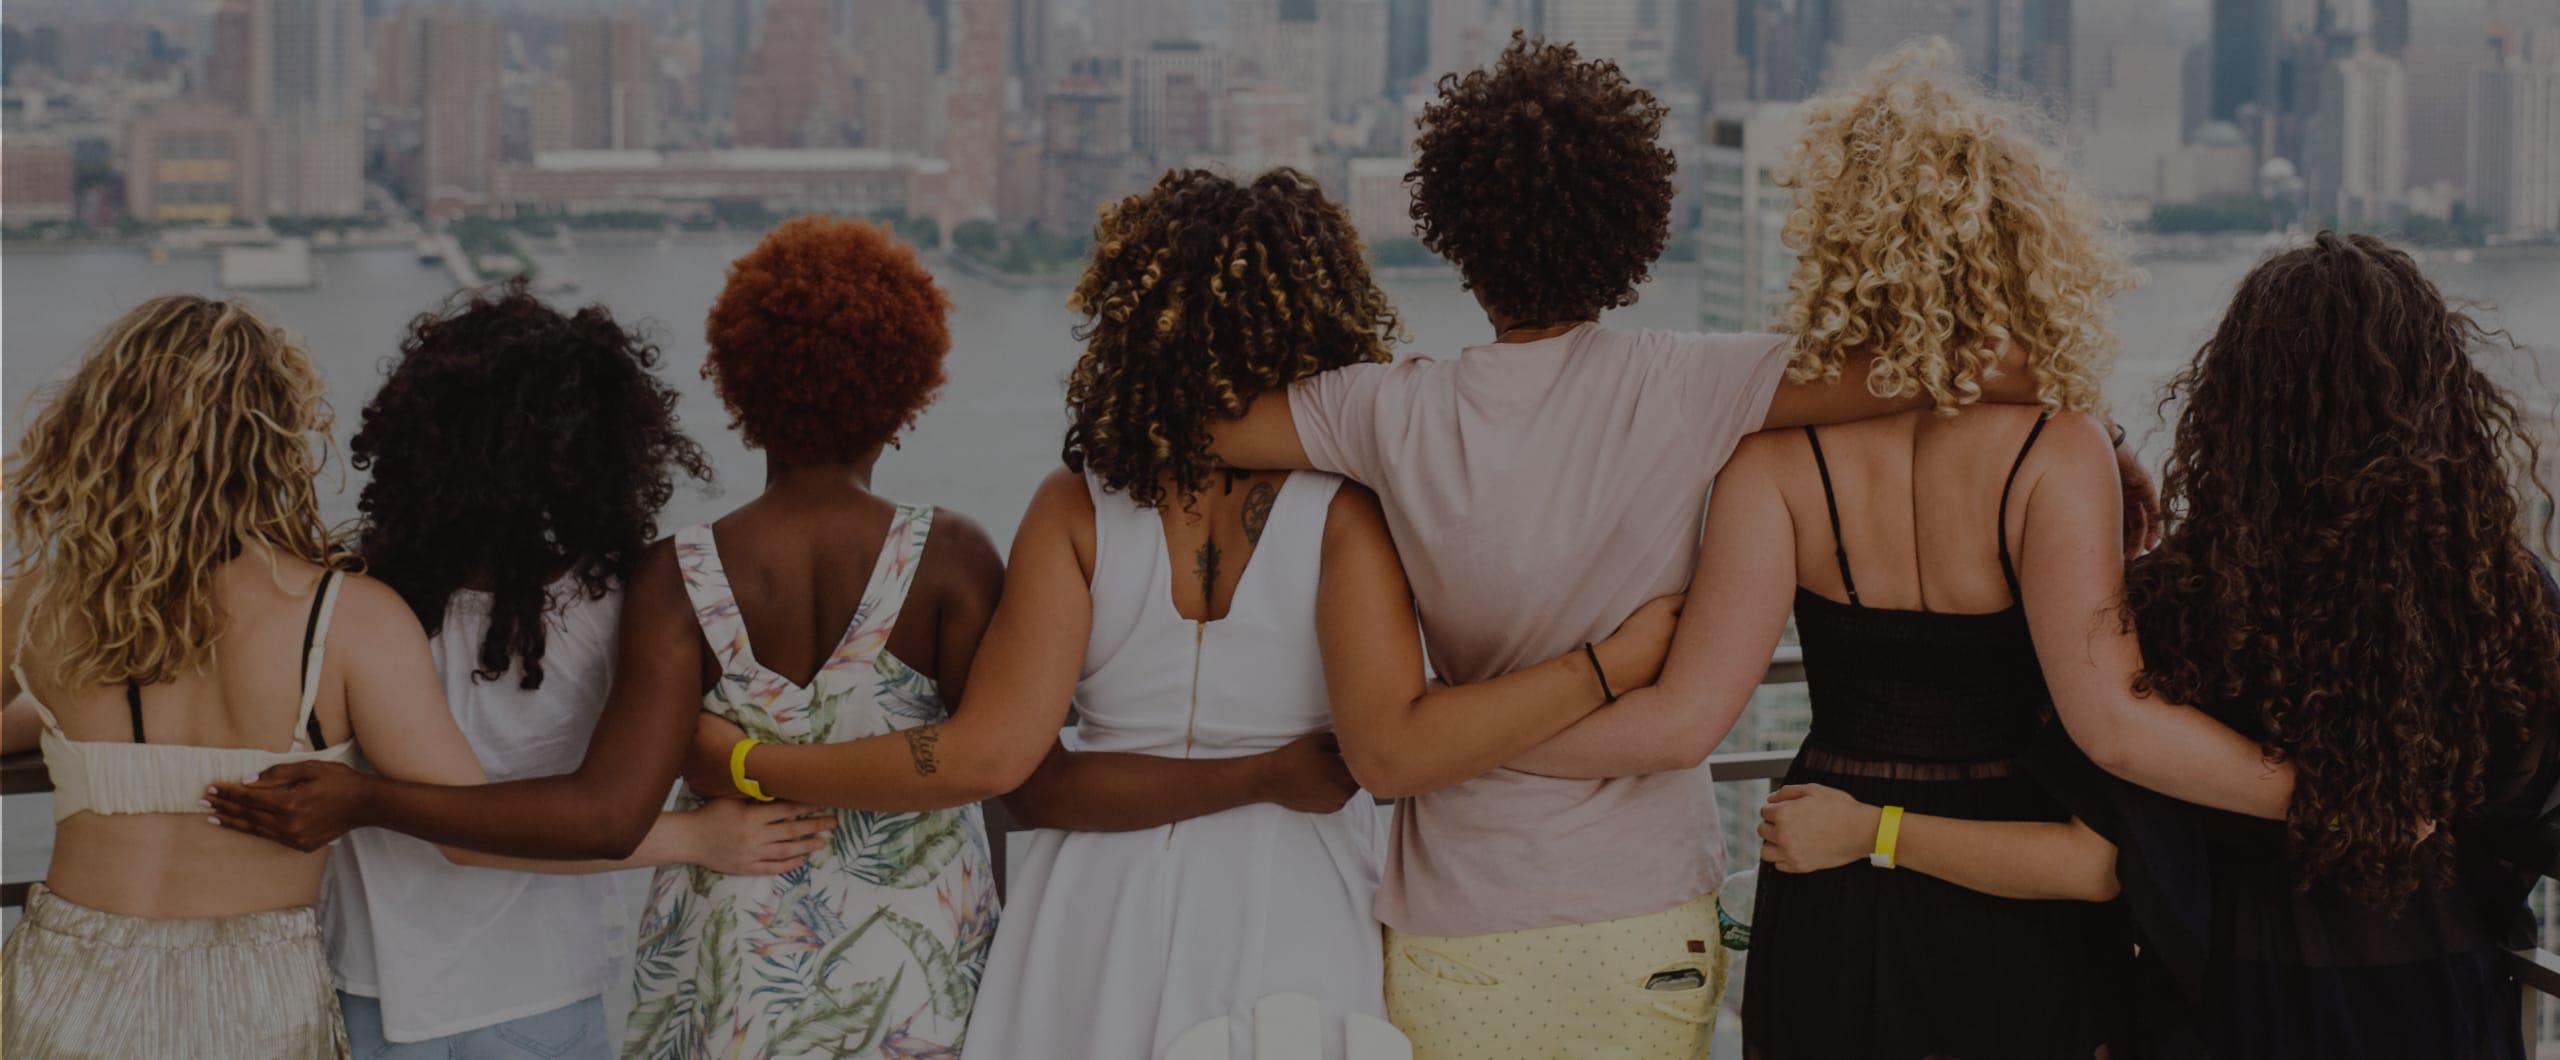 Gruppenfoto von der Locken-Community mit Blick auf den Horizont